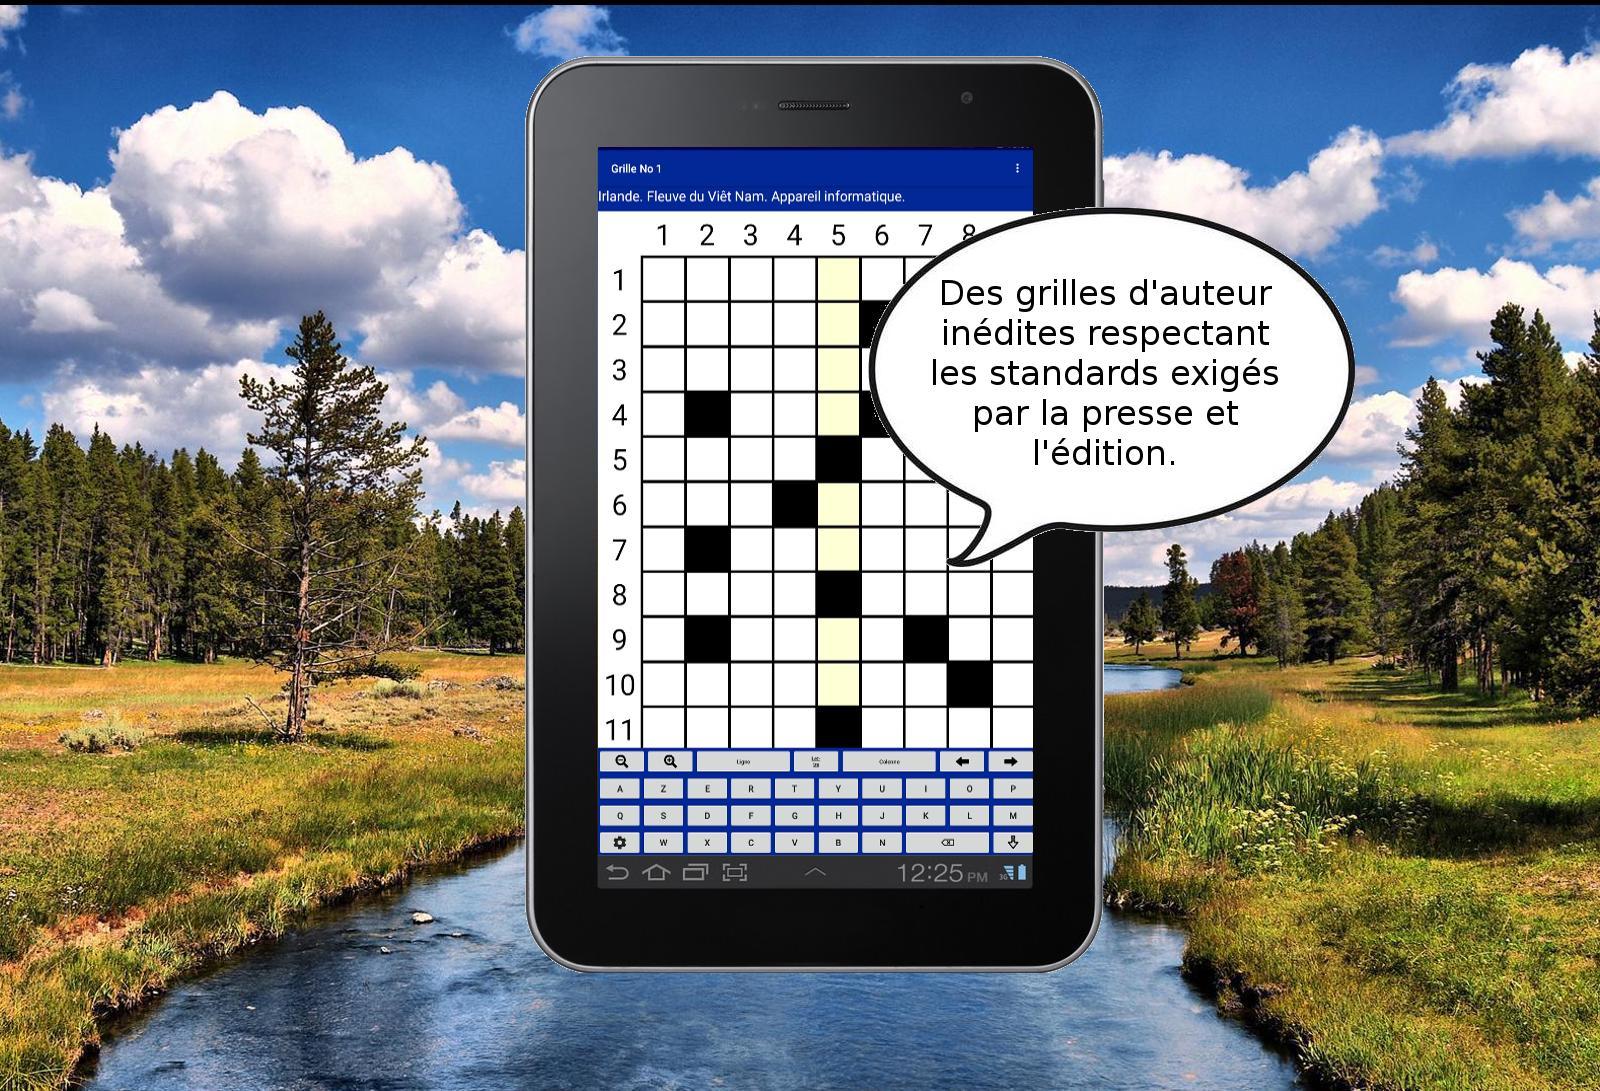 Android Için Mots Croisés Gratuits 2 - Jeu De Lettres. - Apk serapportantà Jeux De Mots Fléchés Gratuits